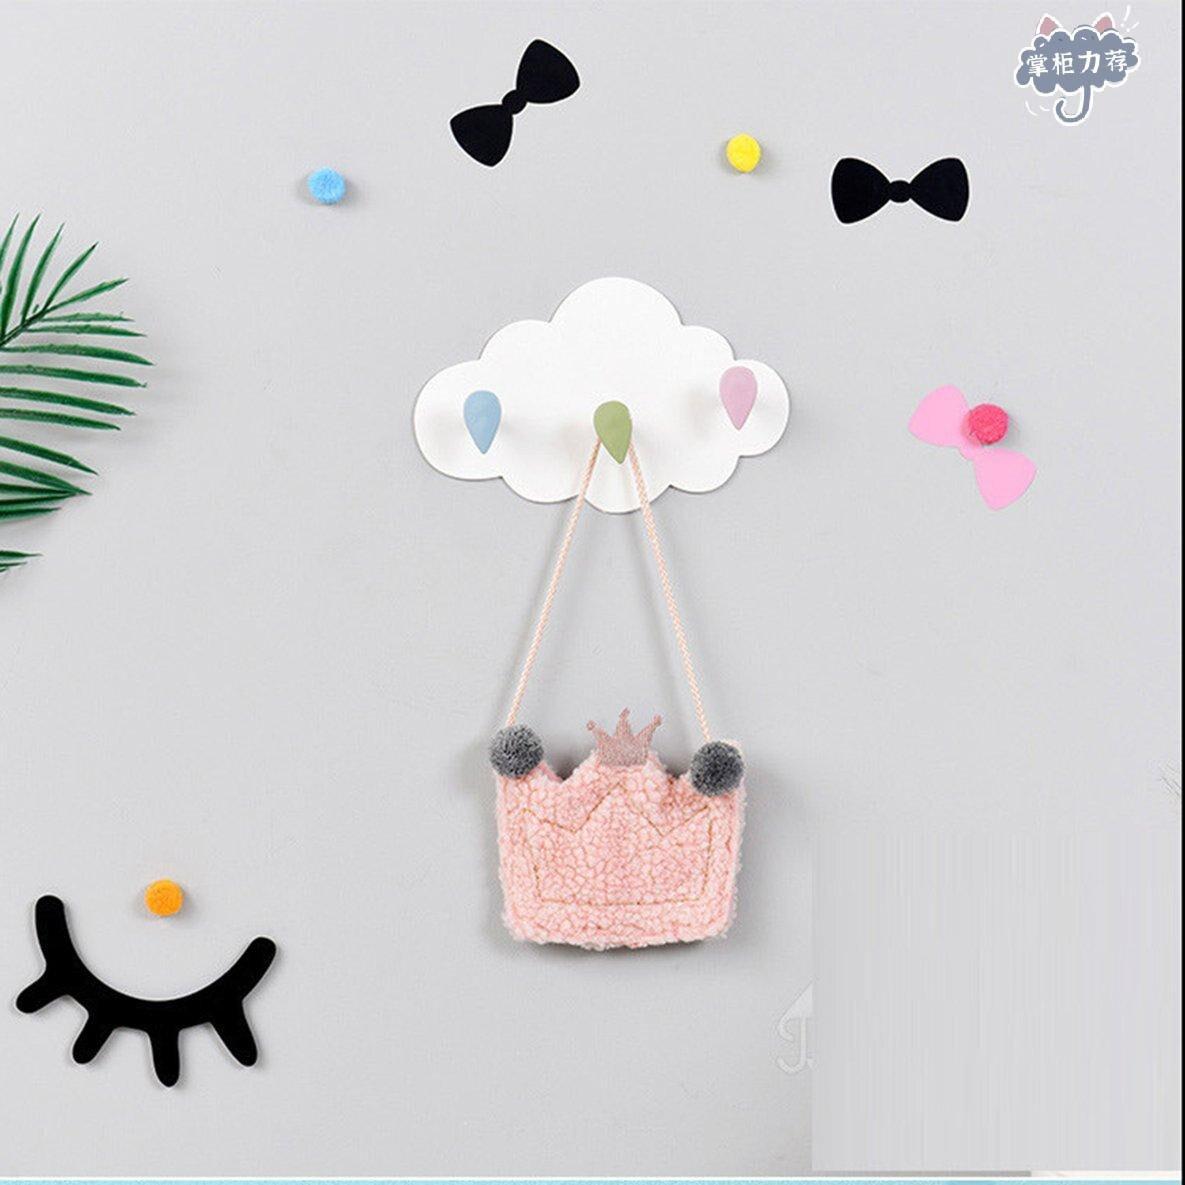 【全館免運】創意可愛雲朵強力粘膠掛鉤牆貼浴室掛勾新品 上架